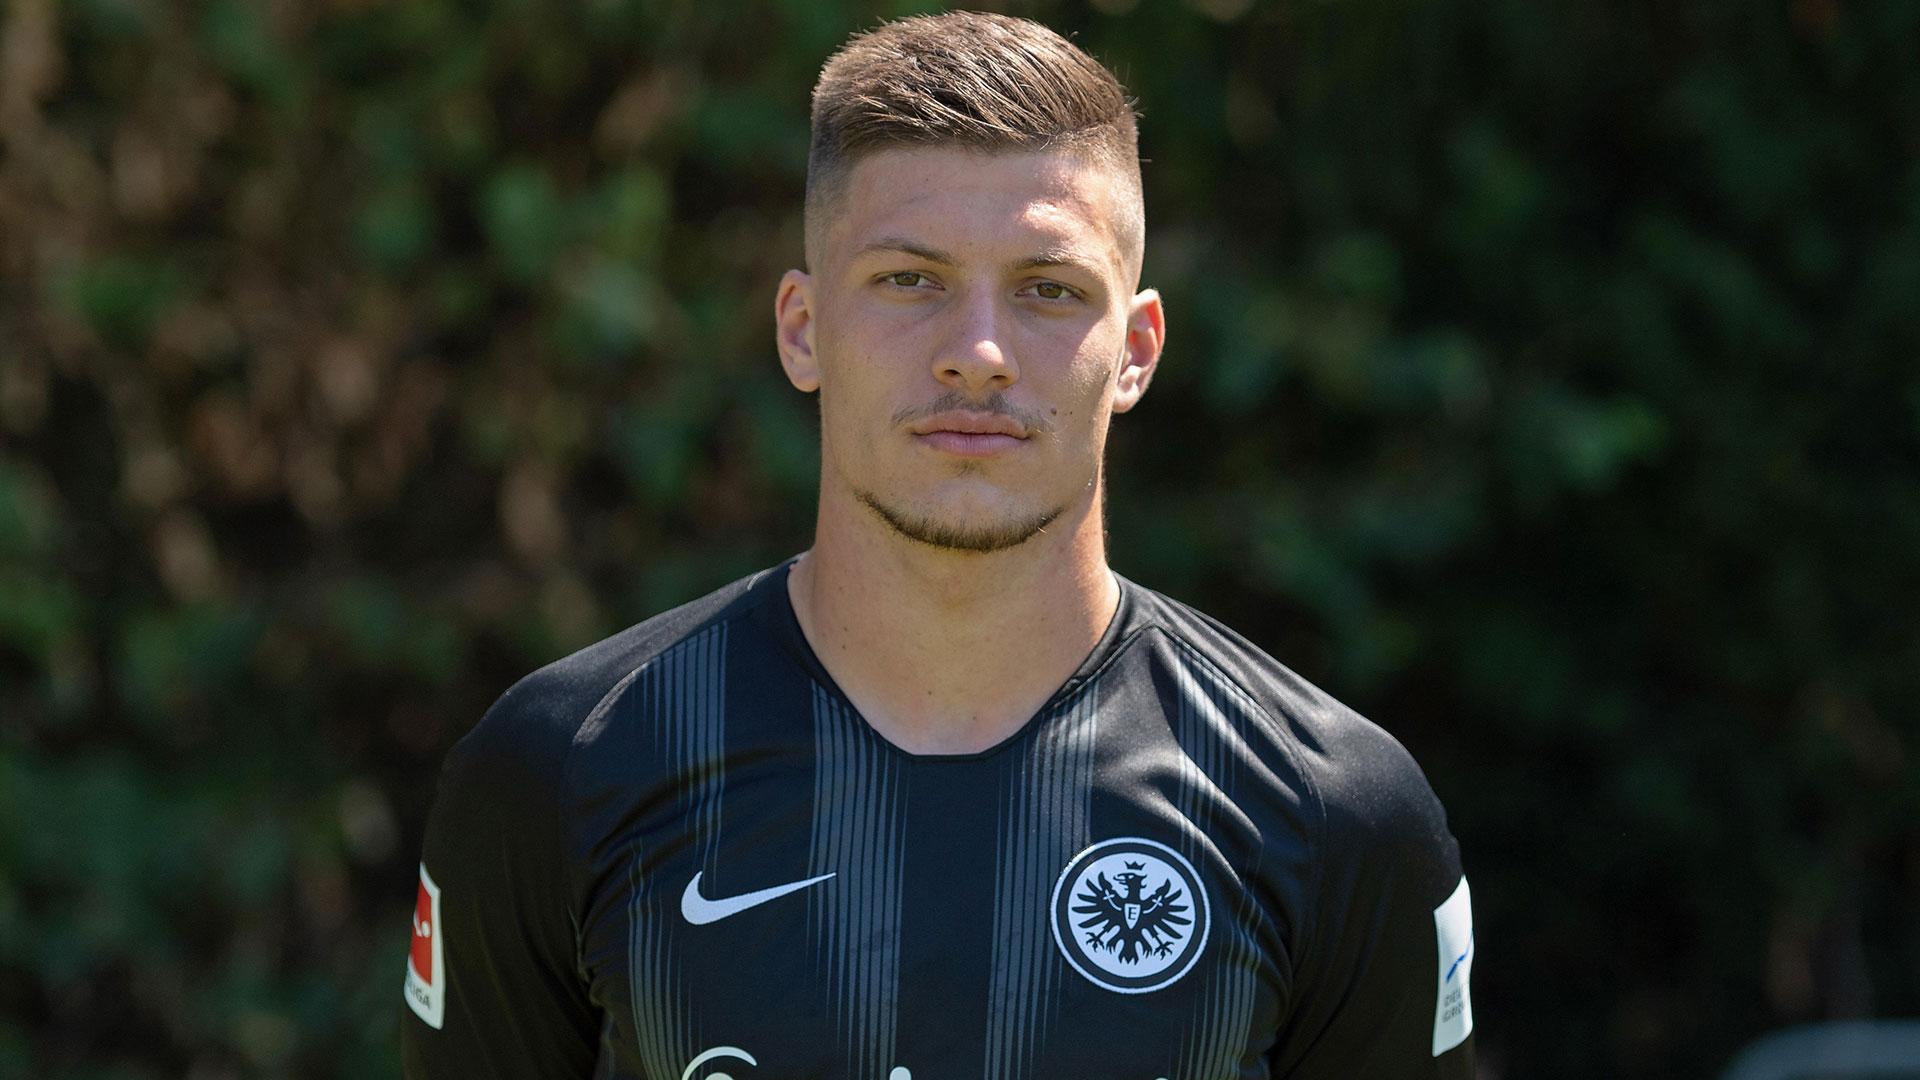 Luka Jovic, joven estrella del Eintracht Frankfurt, es el objetivo del Barcelona y Real Madrid (Grosby)